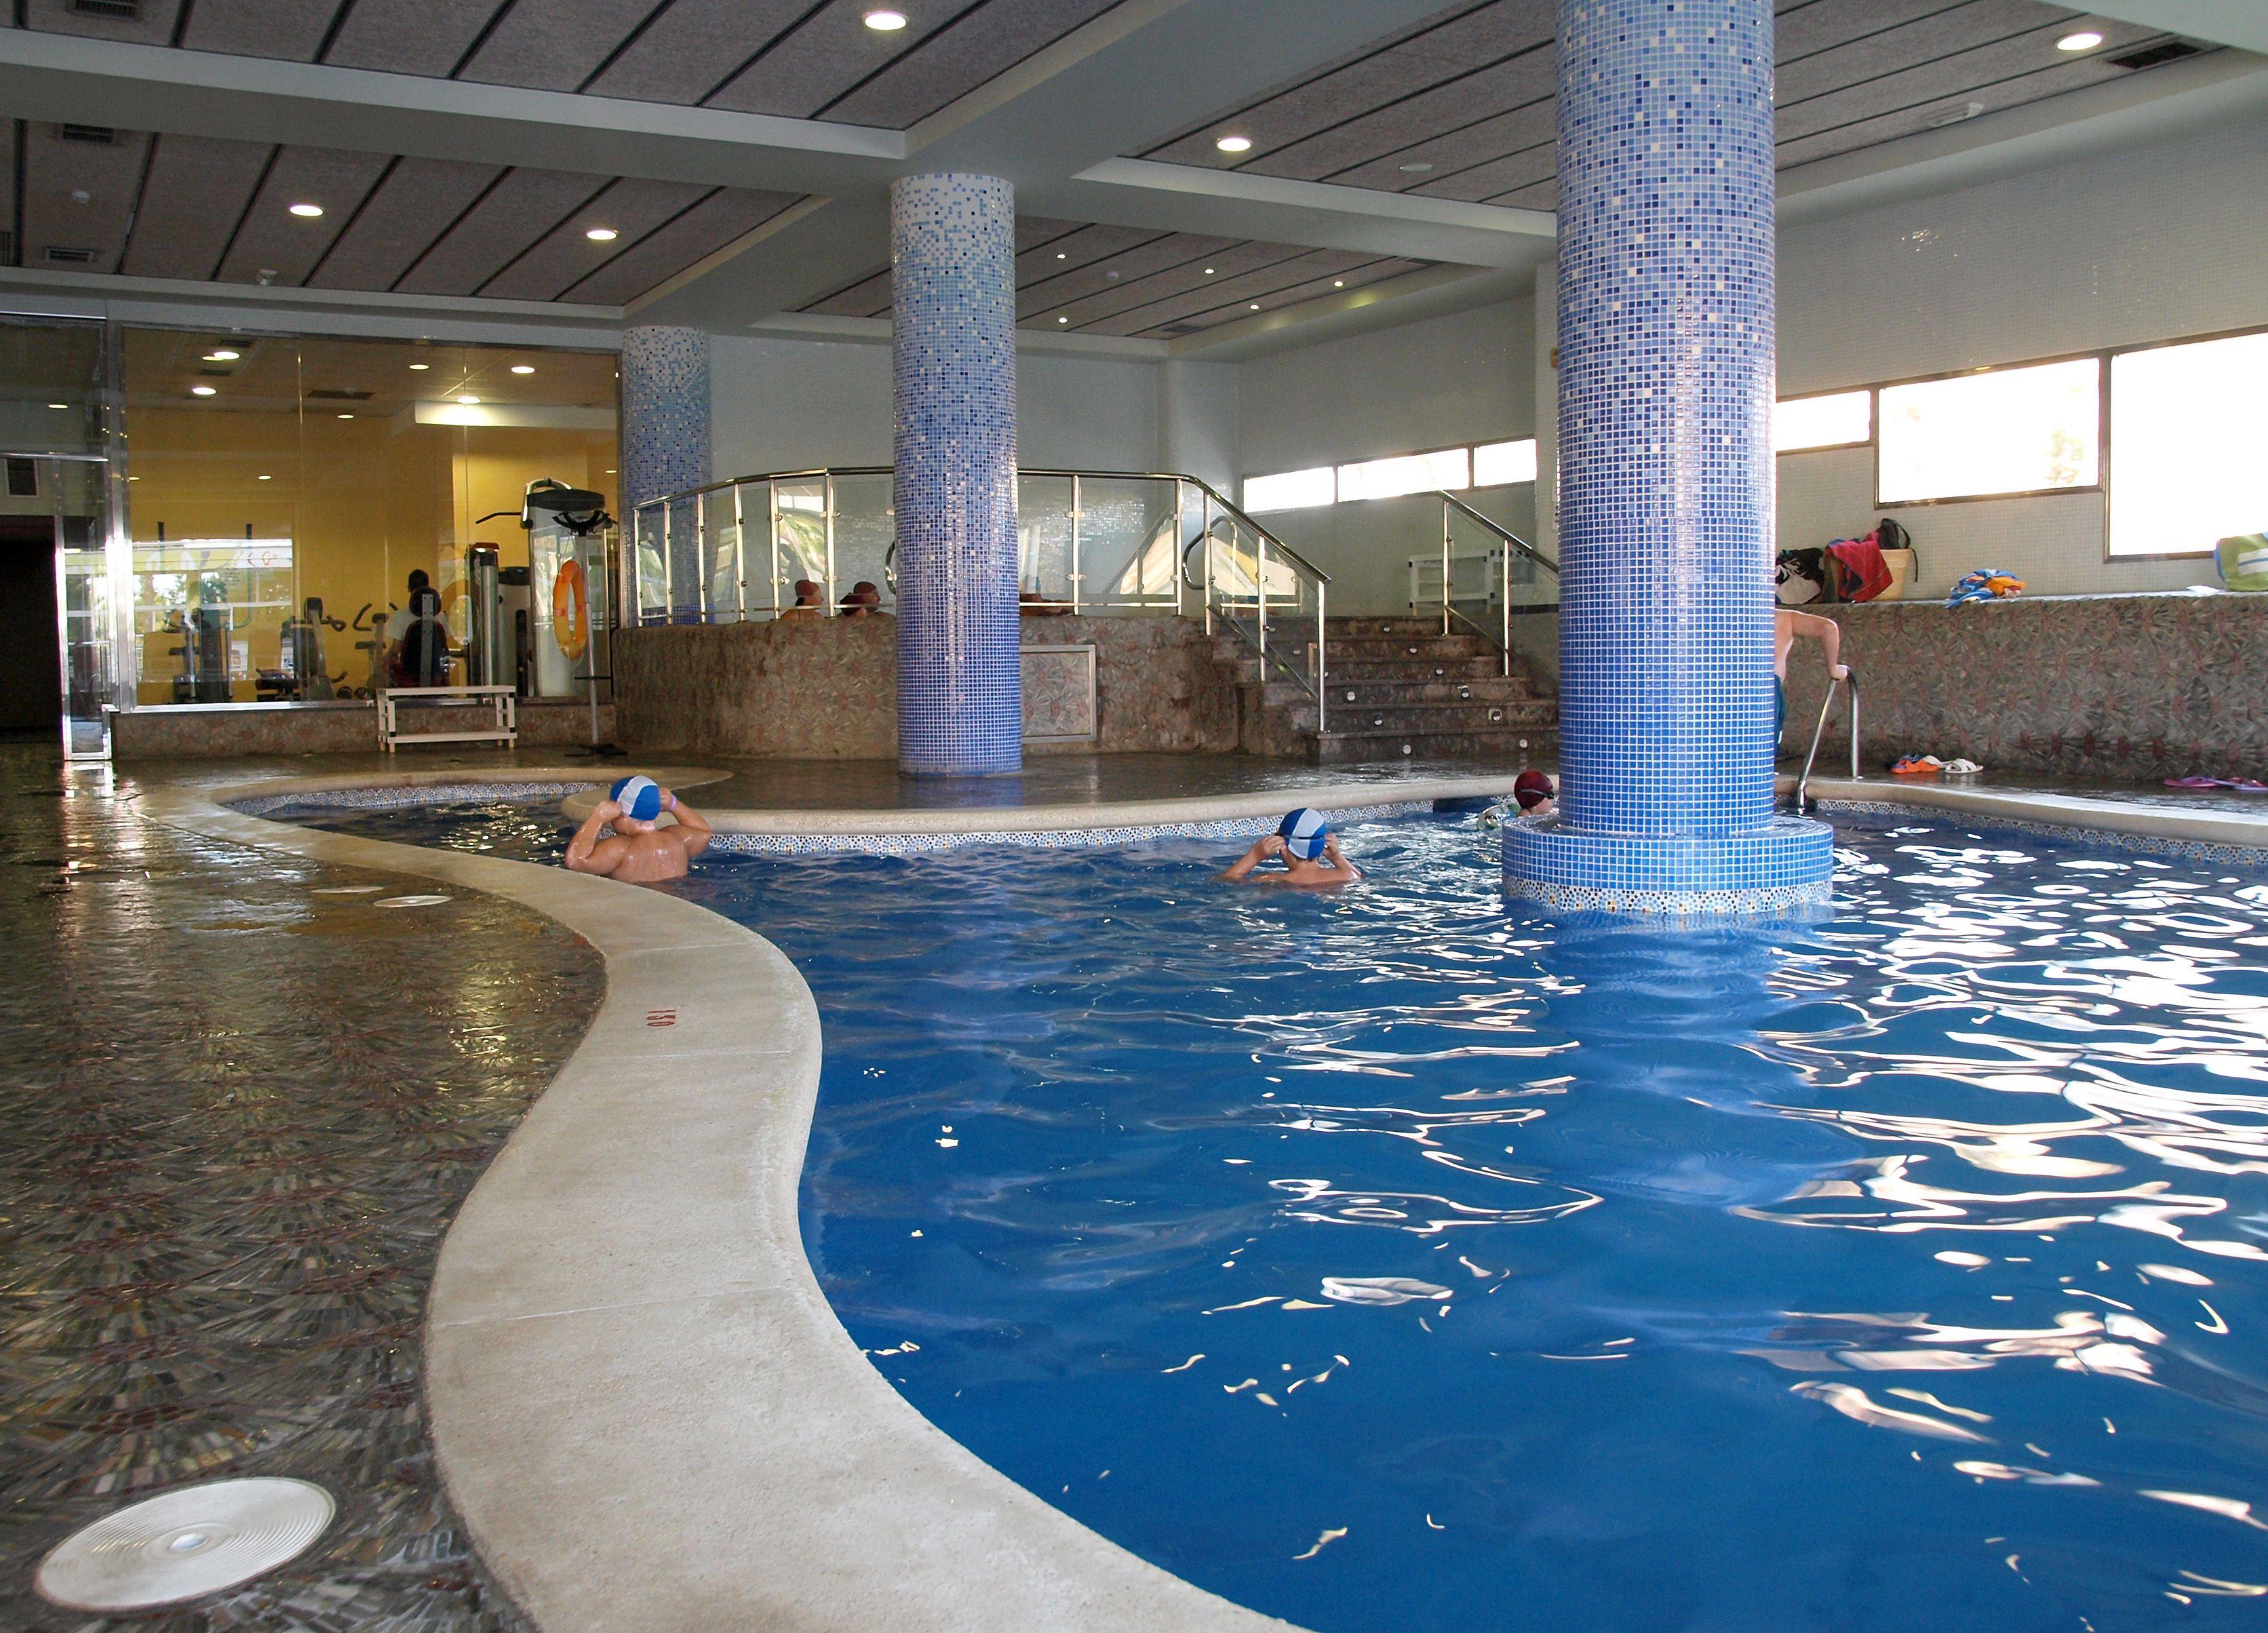 M s de ideas incre bles sobre Precios piscinas en Pinterest